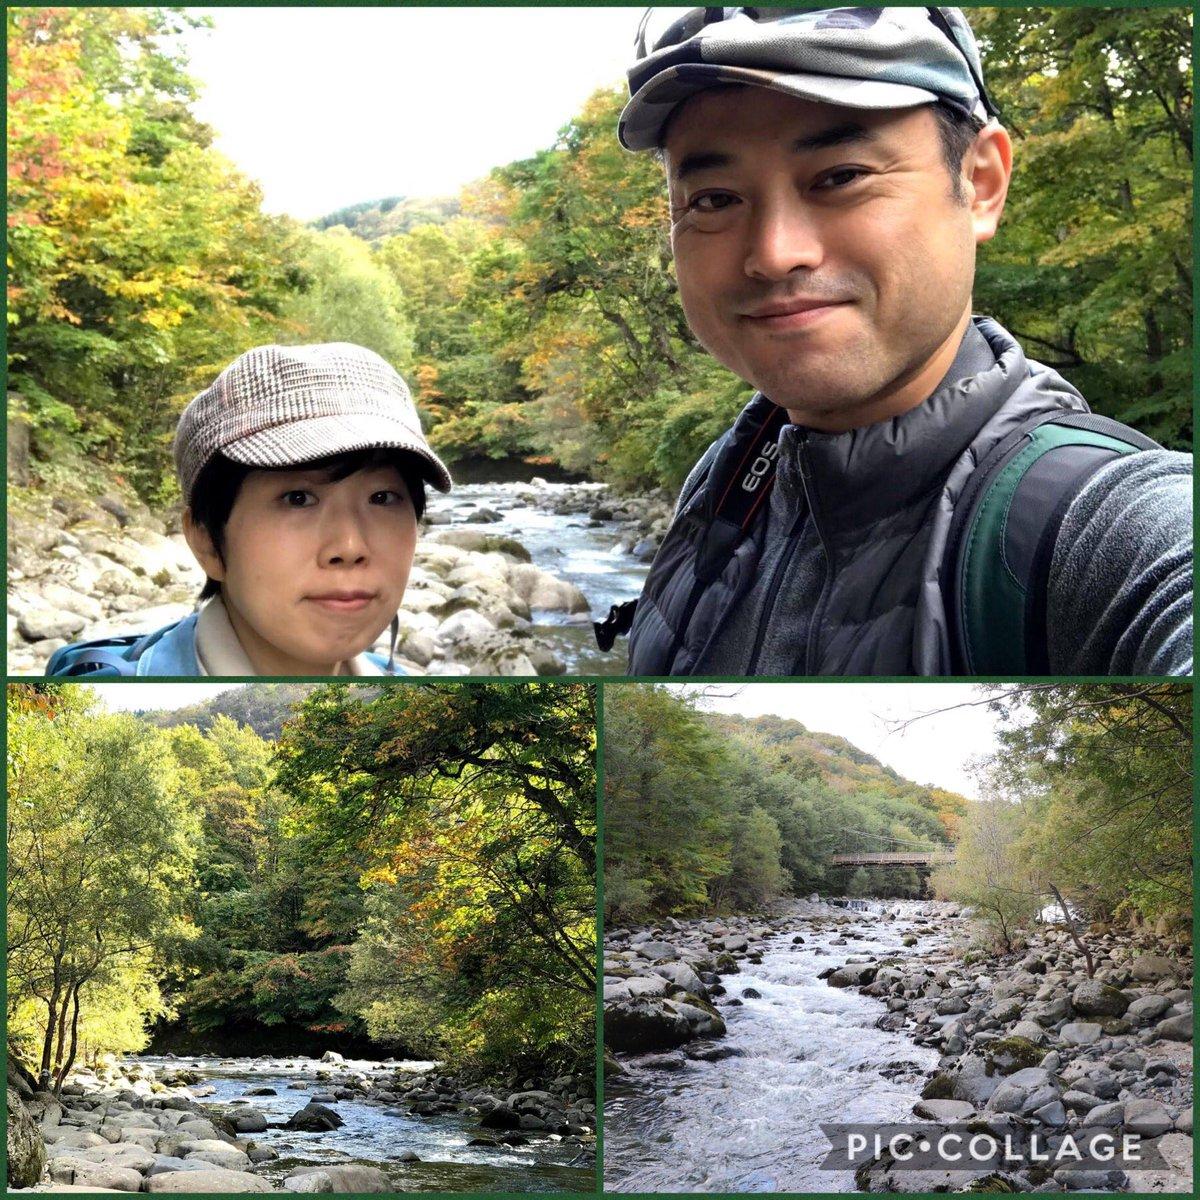 【青森・奥入瀬】栗駒山から奥入瀬へ。紅葉最盛期の一歩手前でしたが素晴らしい自然です。99%広葉樹林で覆われている森が広がり、手付かずのブナ林を見ることが出来ました。奥入瀬渓流の水の透明さにも感激。ホテルもこの上なく素敵でしたね。#東北 #青森 #奥入瀬 #自然 #旅行 #旅 #ホテル #森 #紅葉 https://t.co/YzFmwIGR4K